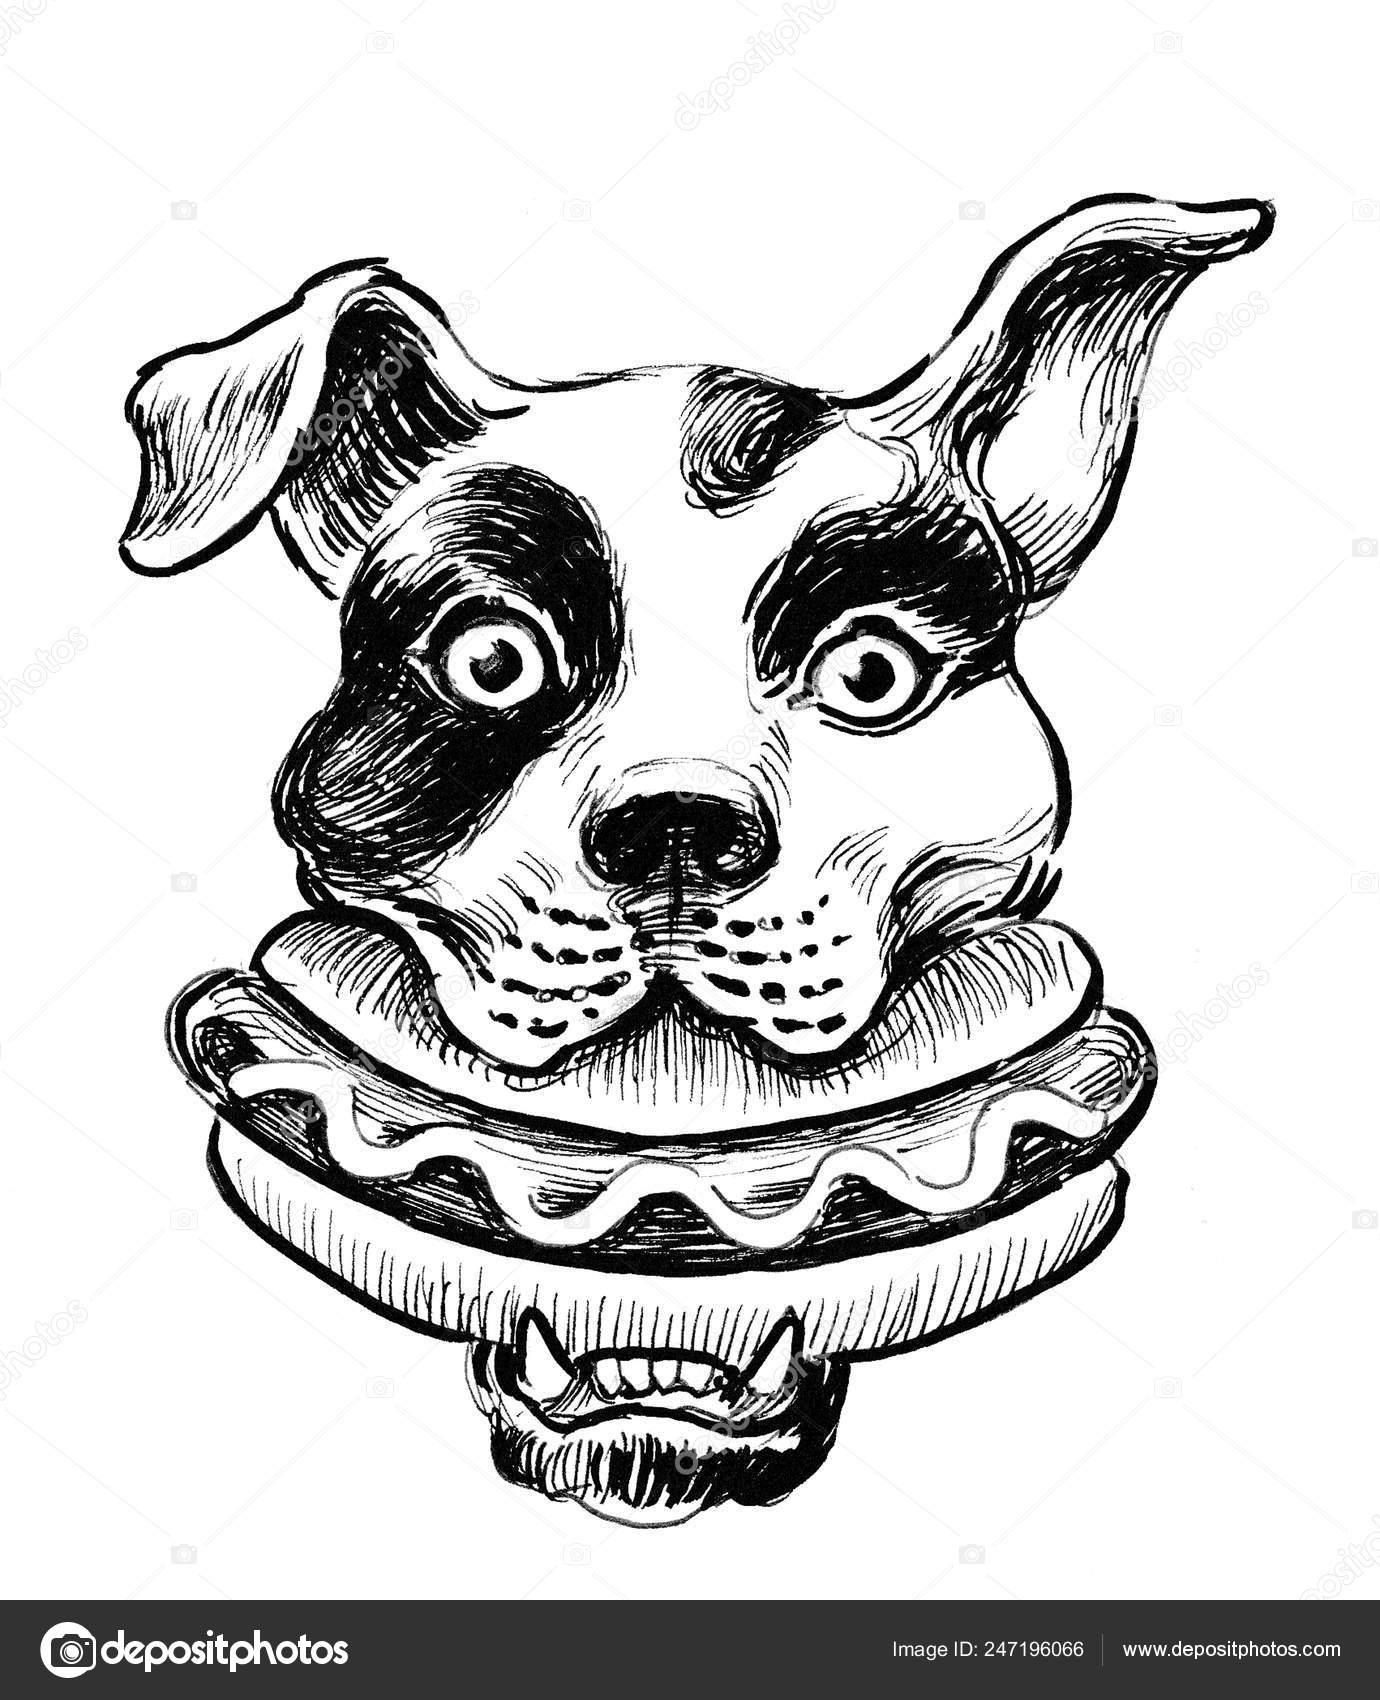 Dog Eating Hot Dog Ink Black White Drawing Stock Photo C Alexblacksea 247196066